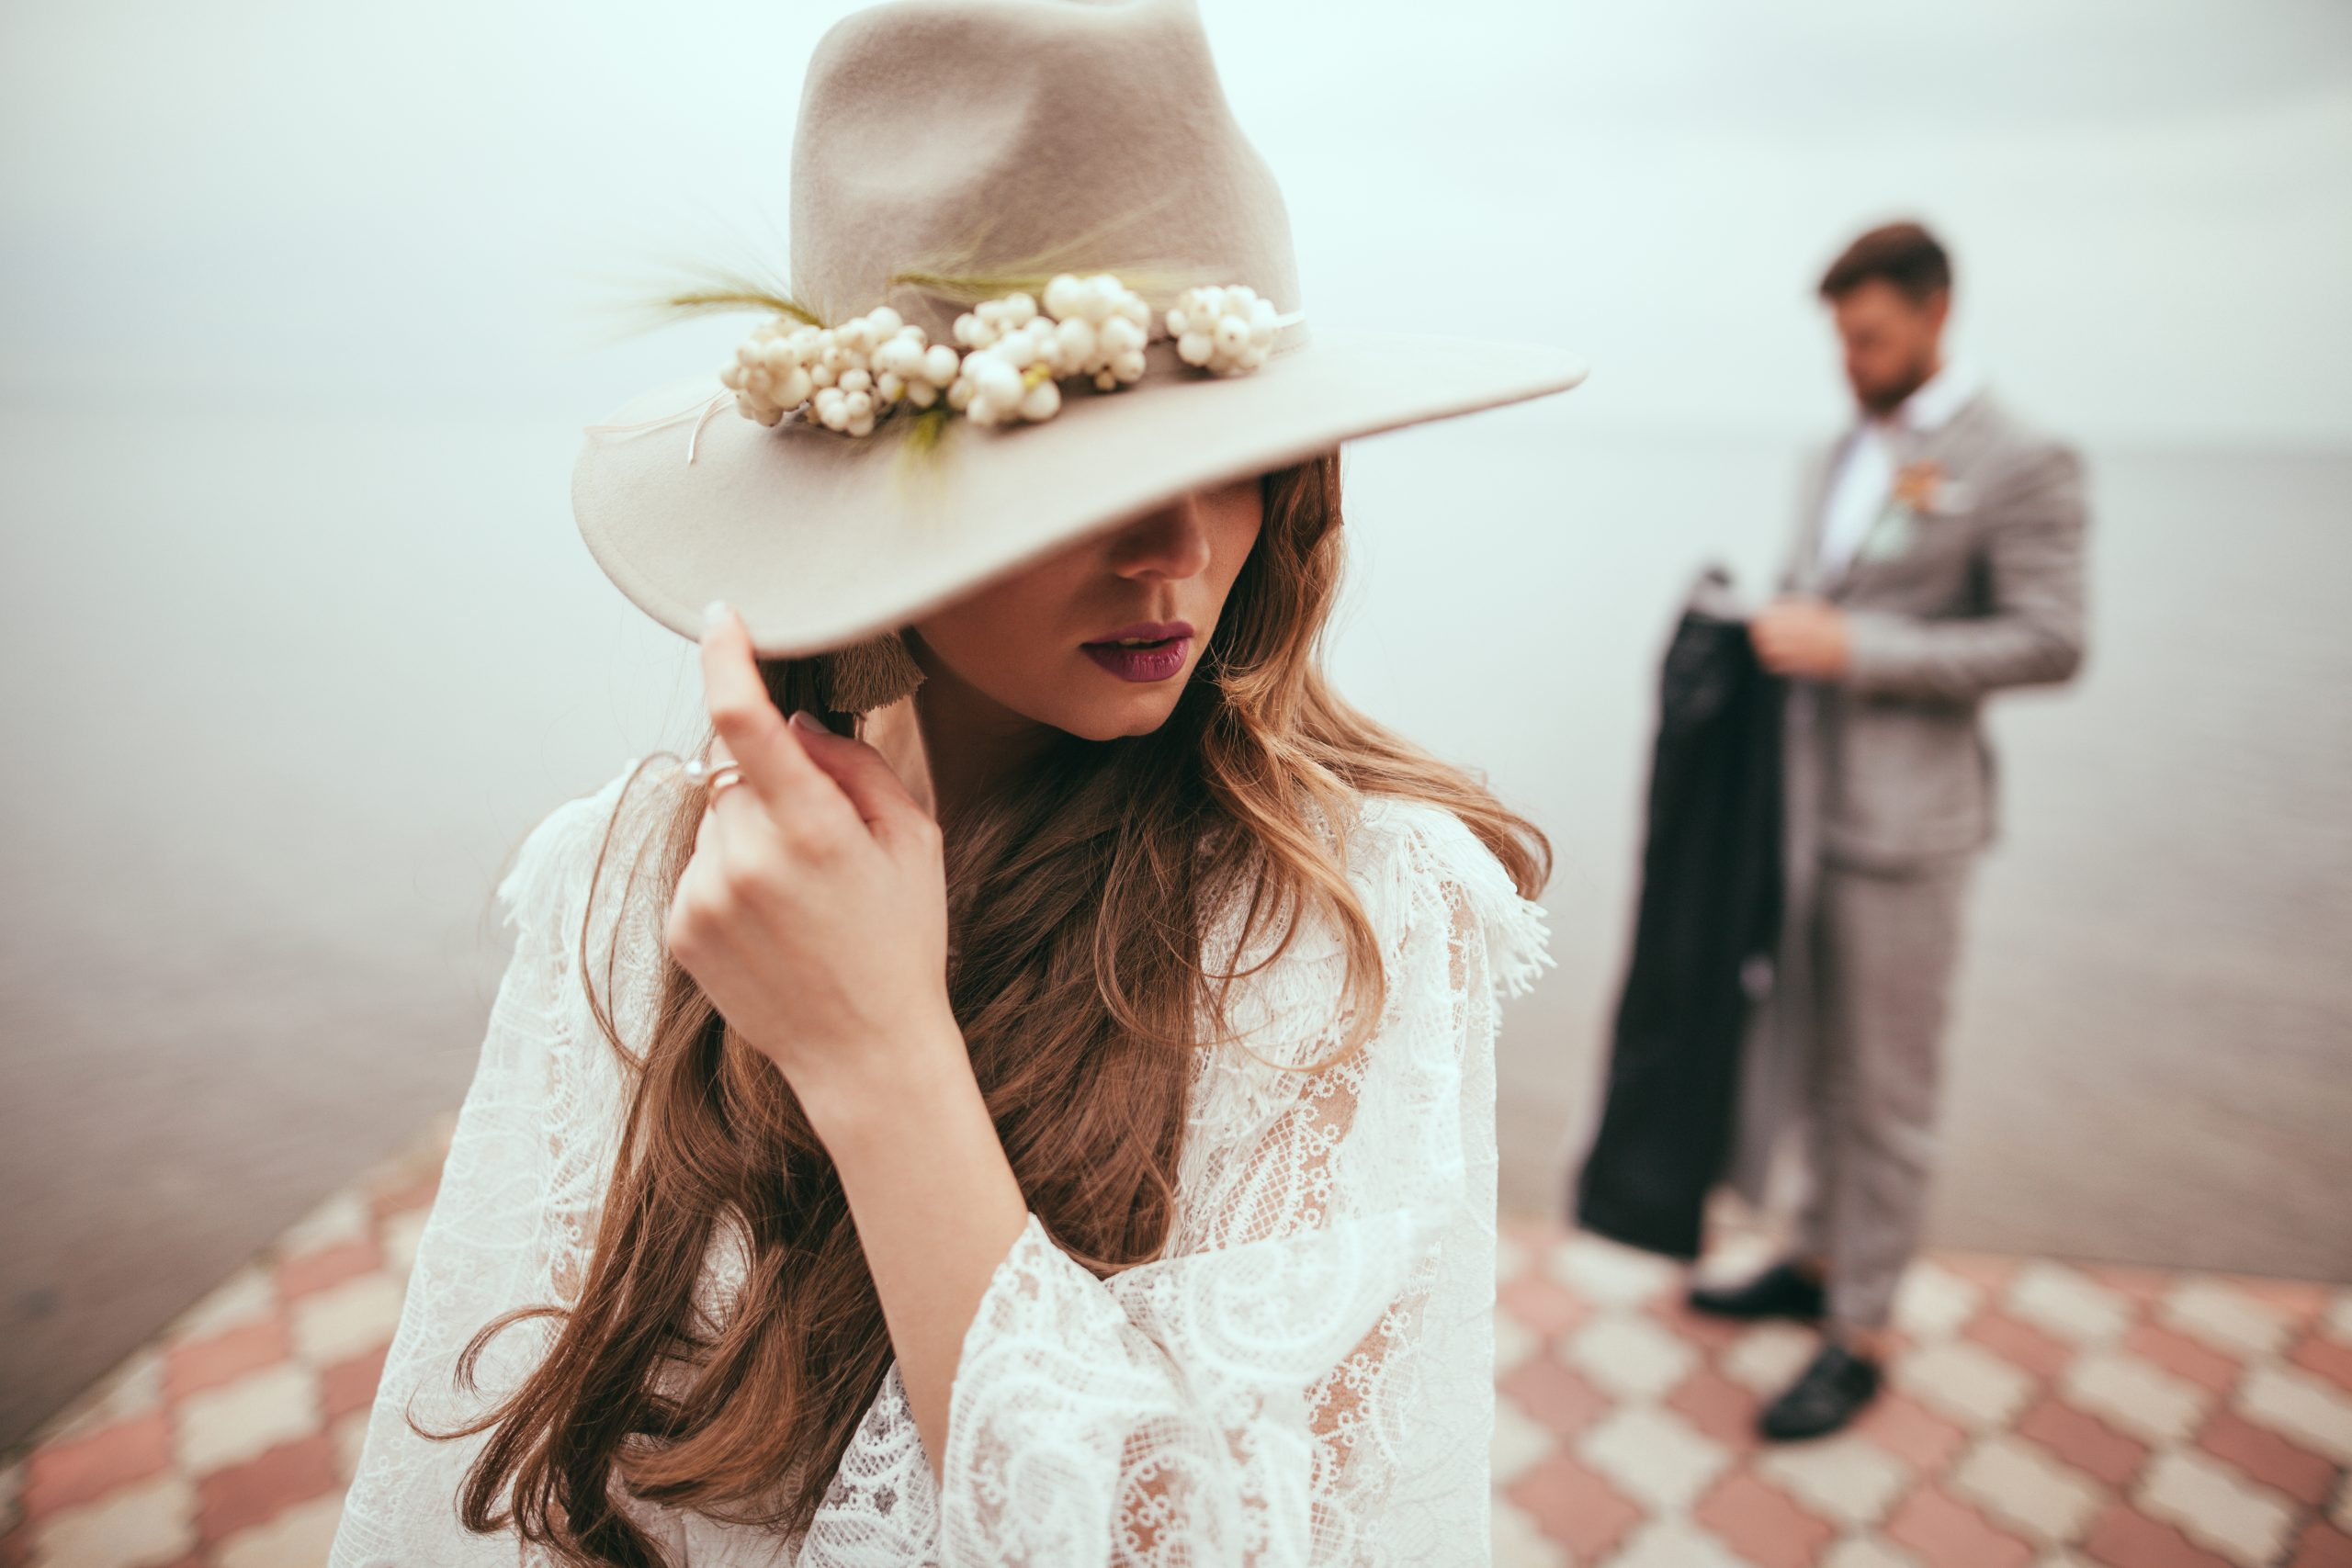 Boho Wedding - verträumt, elegant und natürlich